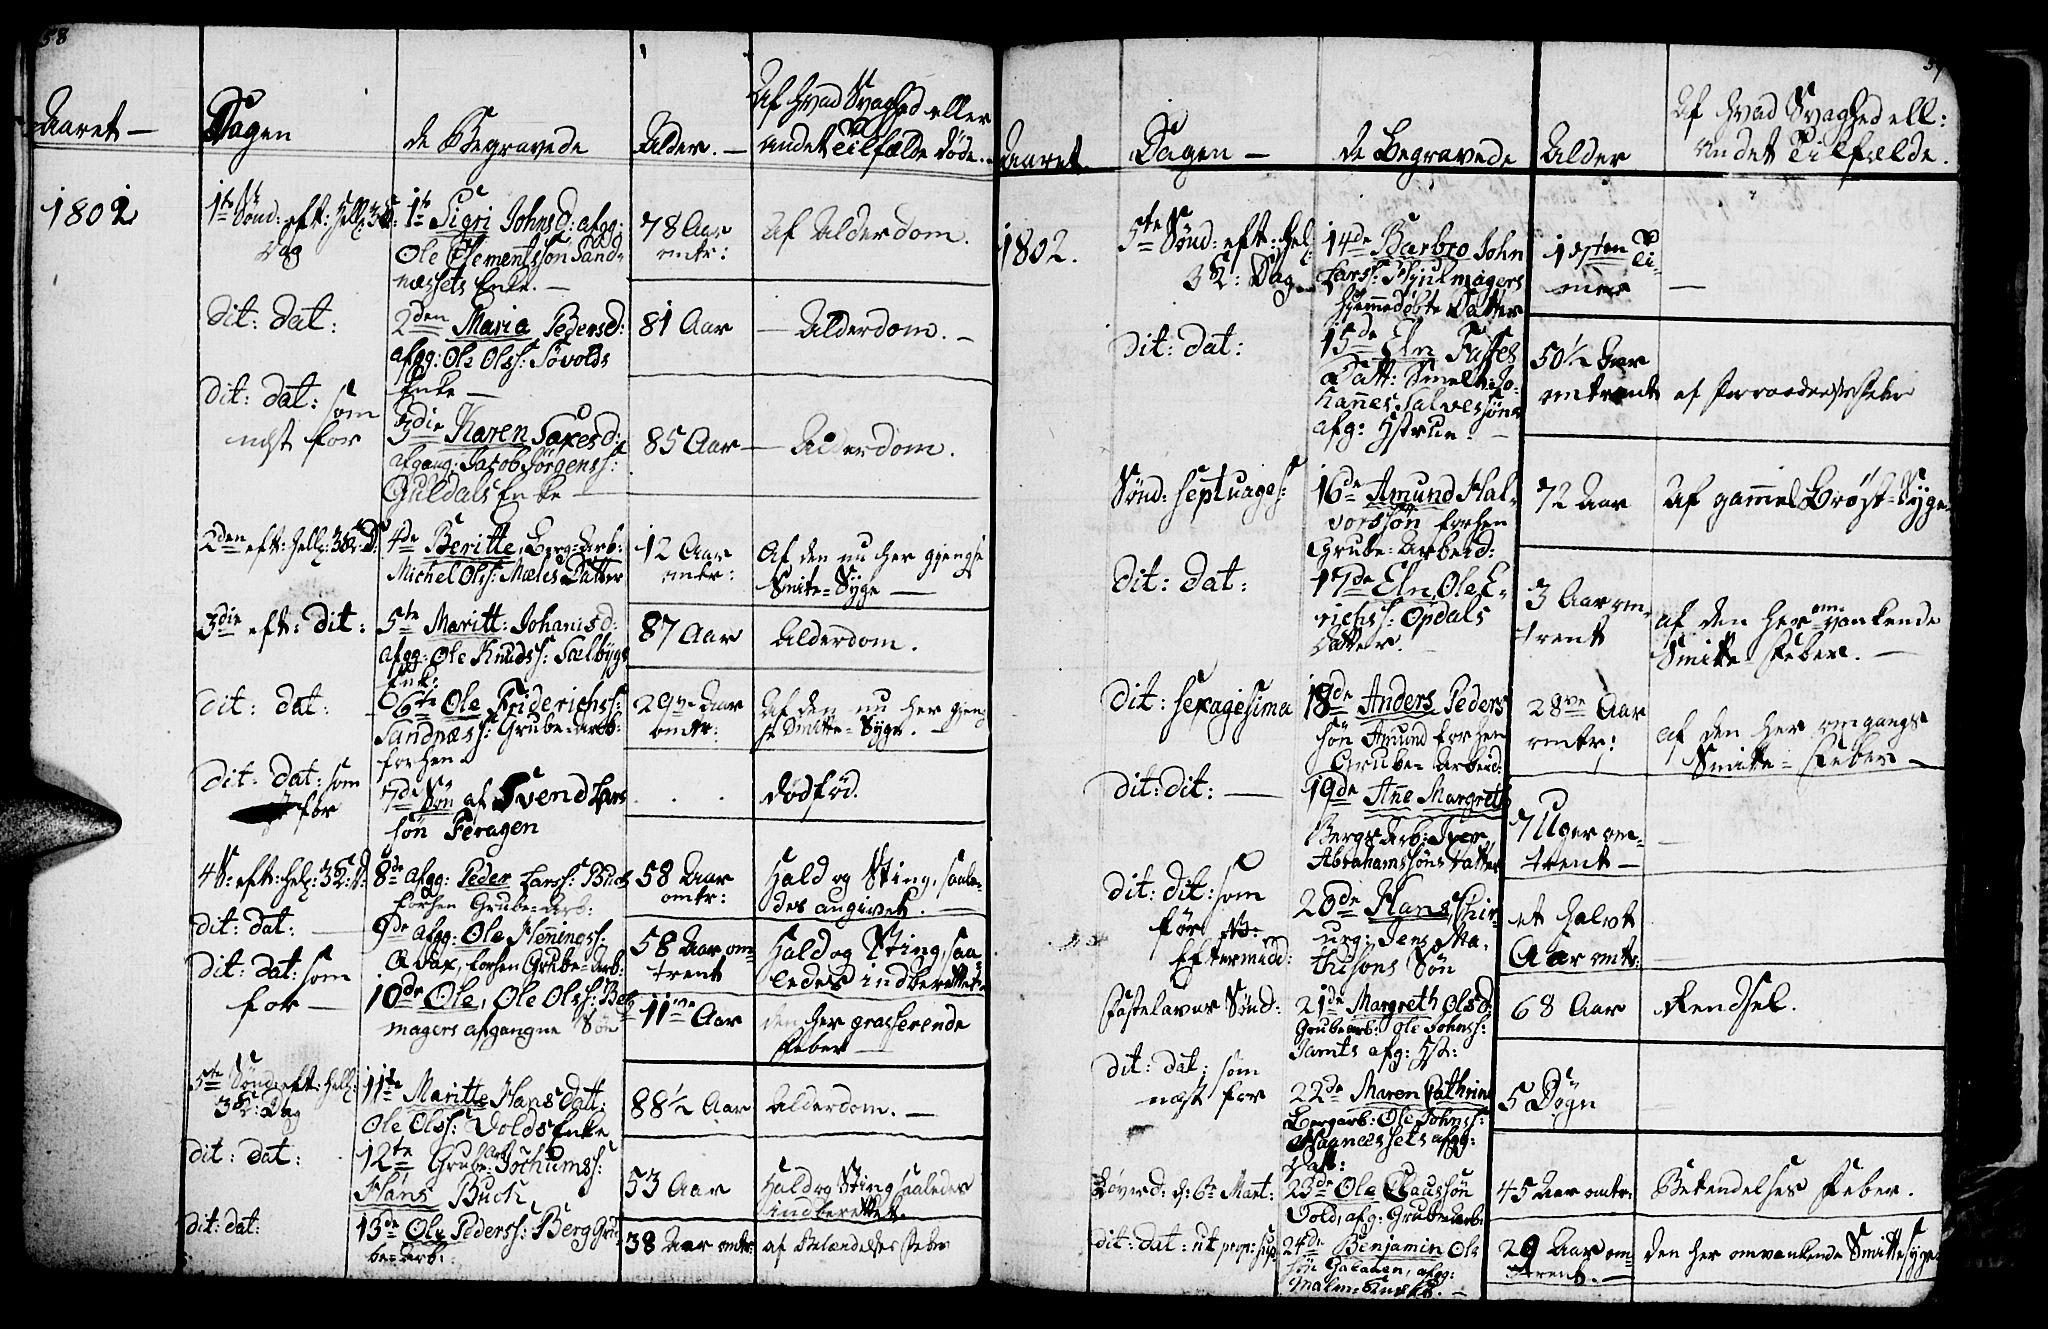 SAT, Ministerialprotokoller, klokkerbøker og fødselsregistre - Sør-Trøndelag, 681/L0937: Klokkerbok nr. 681C01, 1798-1810, s. 58-59